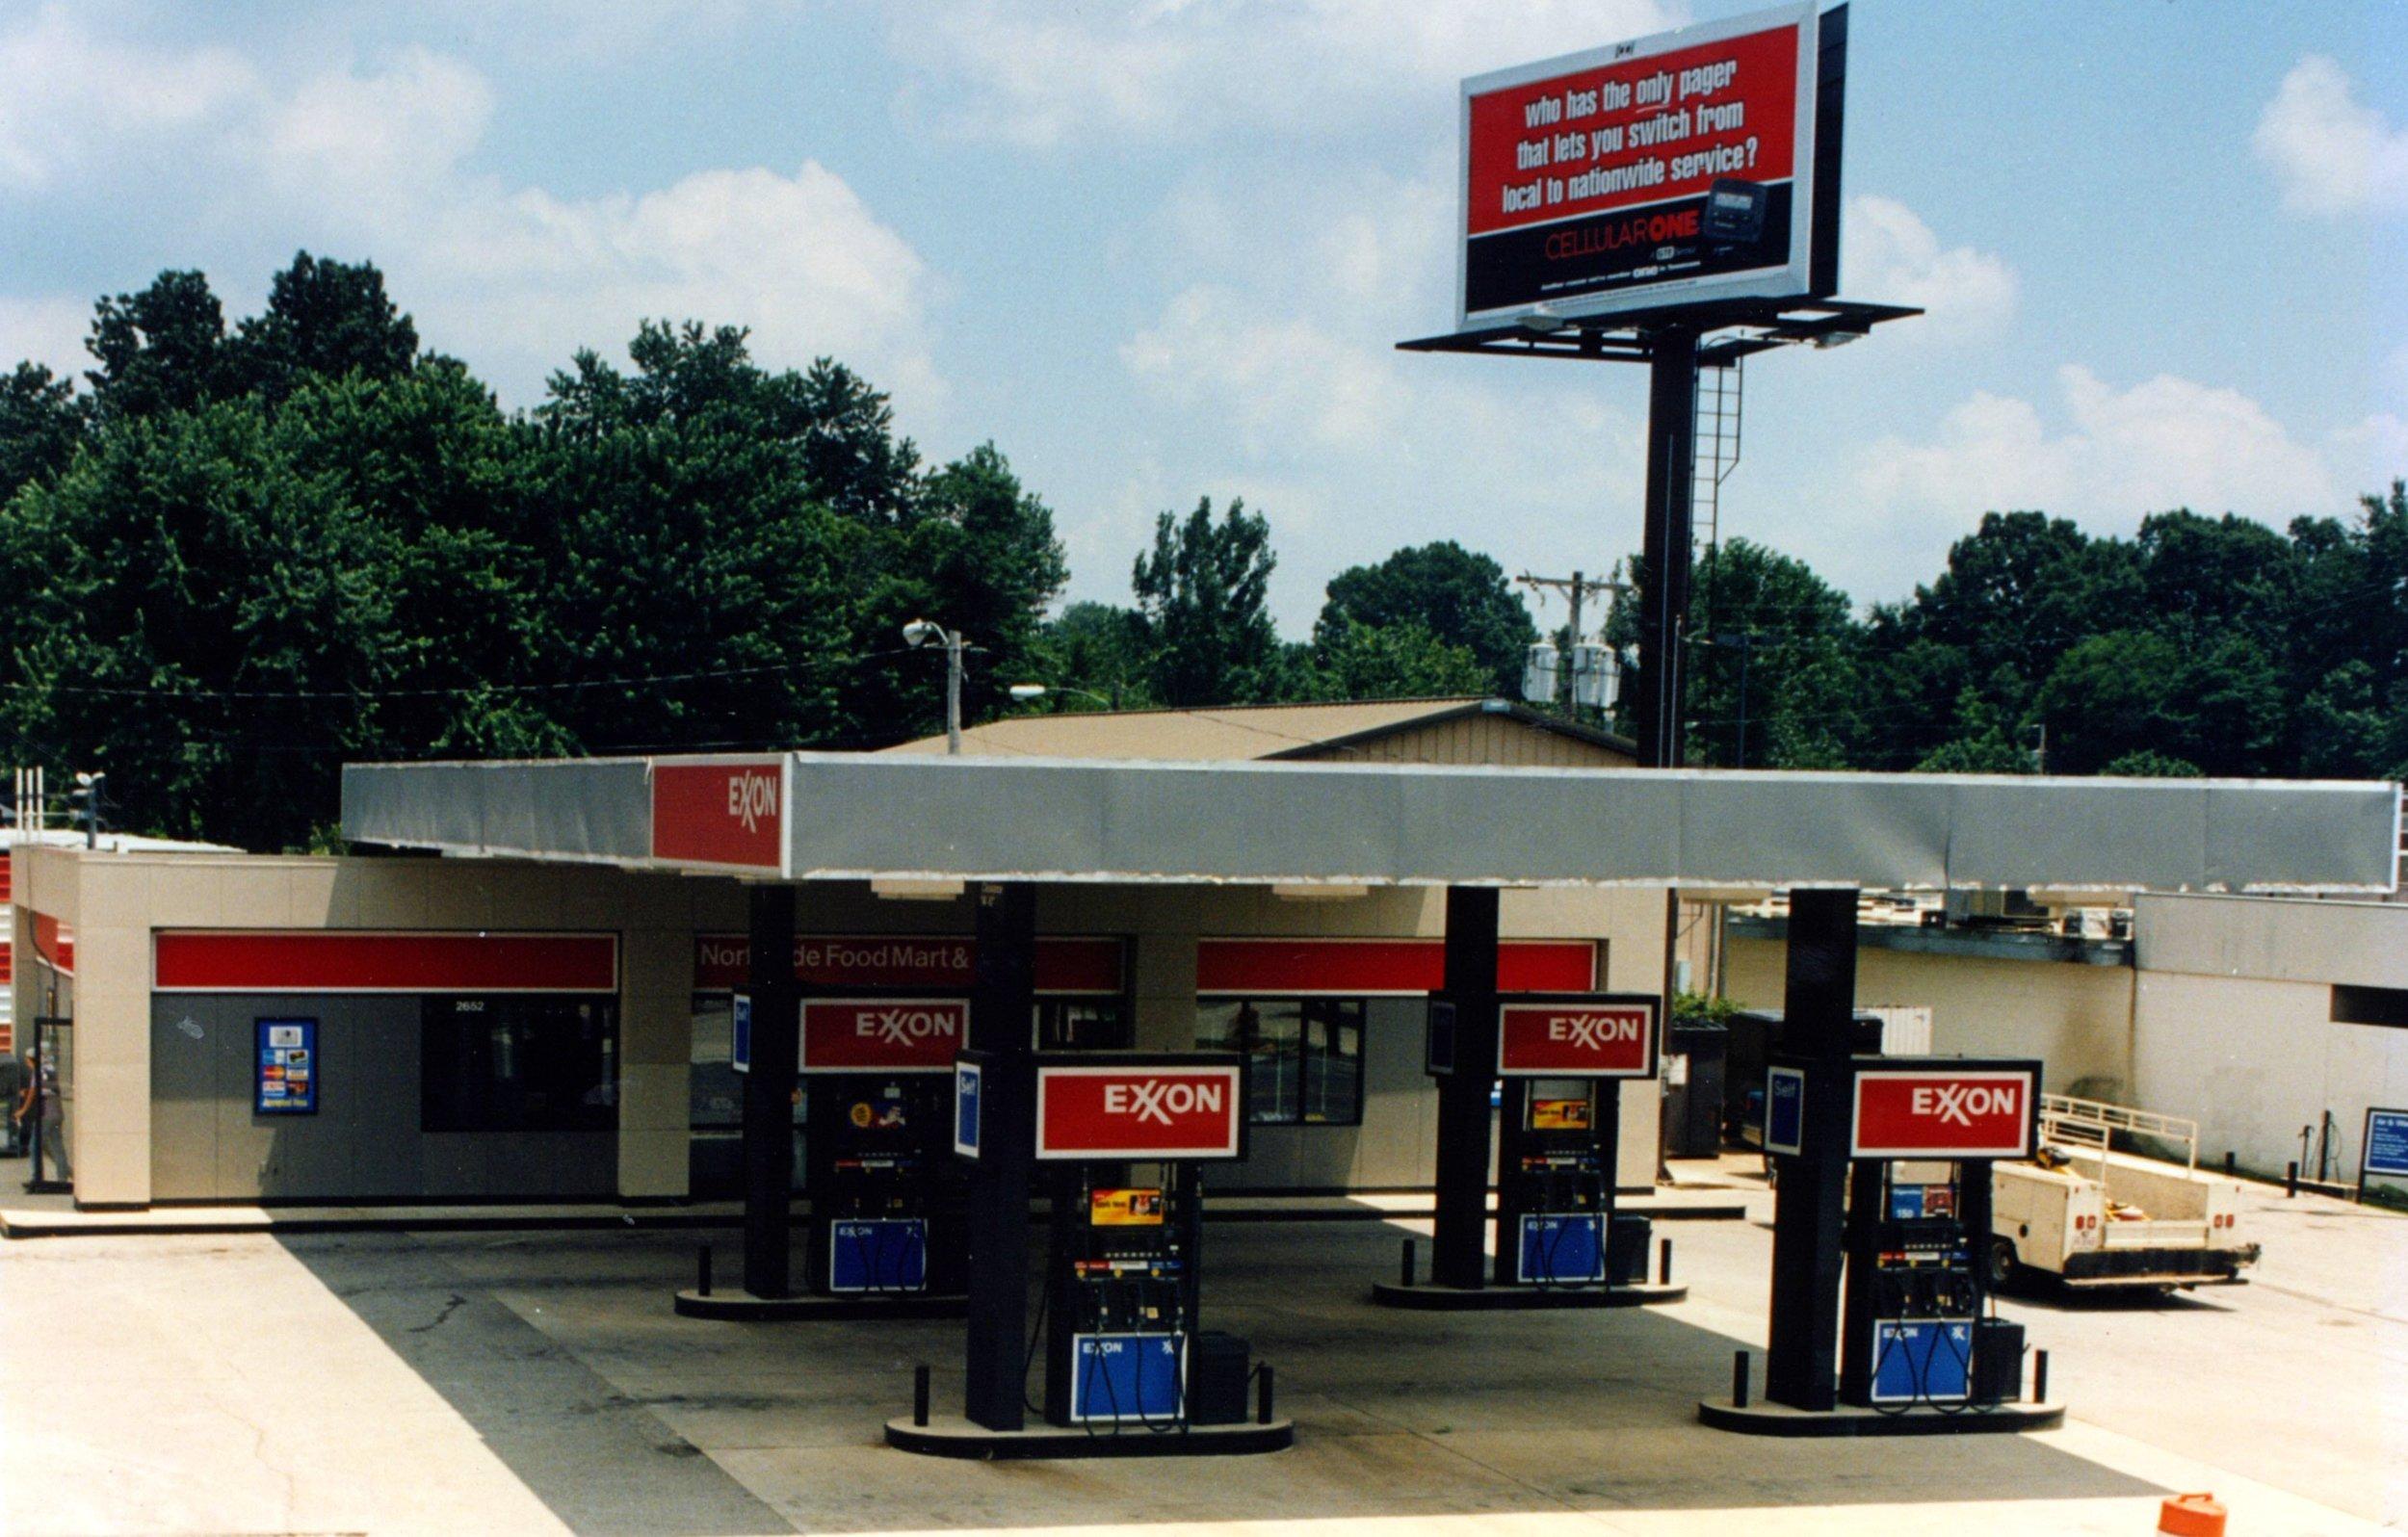 Exon Service Station